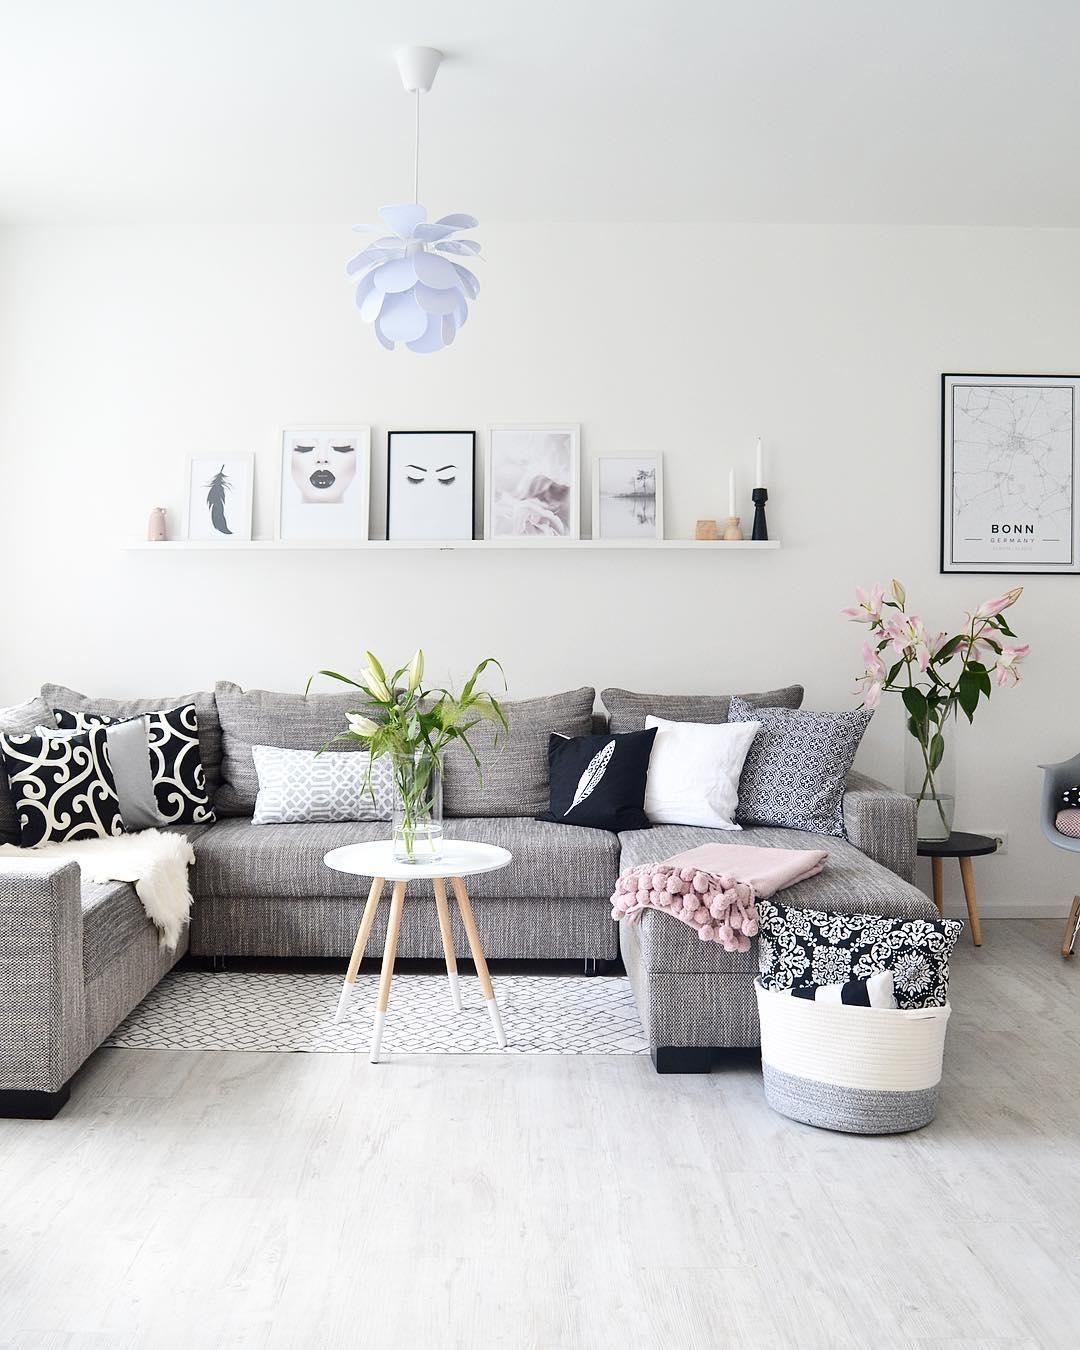 Verzauberkunst Couchtisch Scandi Dekoration Von ♥️scandi Love♥ In Diesem Wohnzimmer Stimmt Einfach